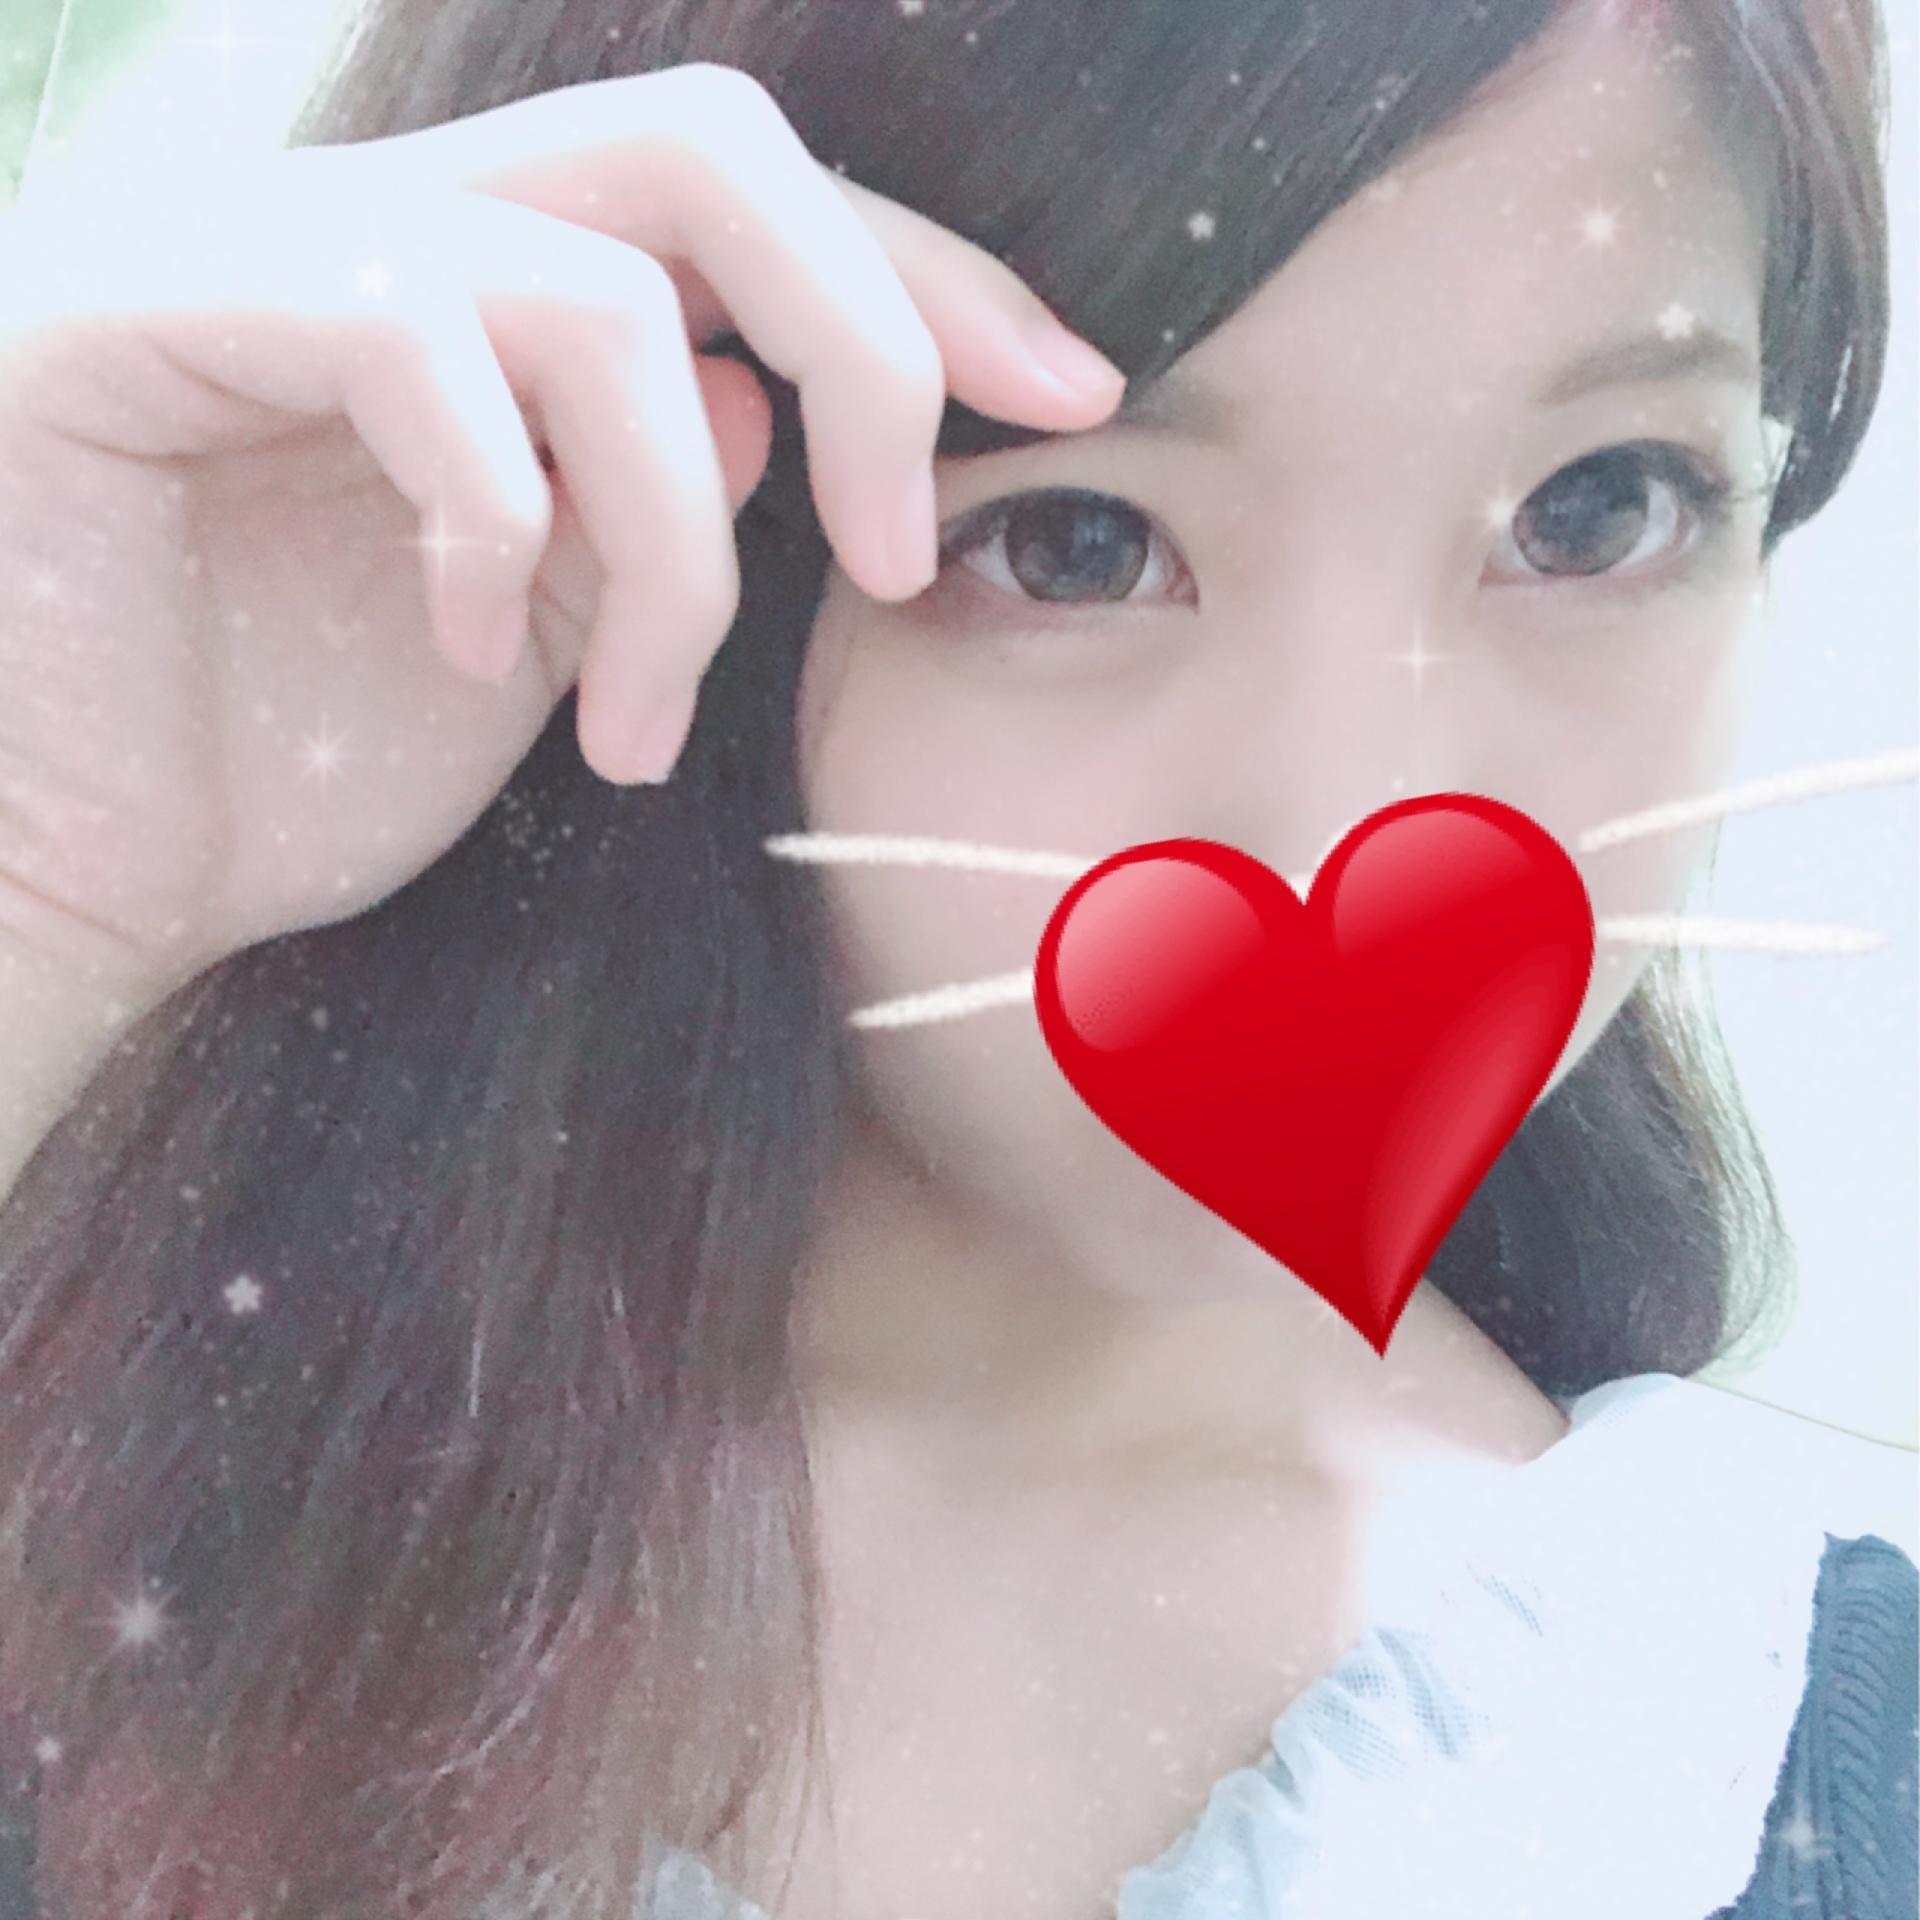 「出勤〜♪」07/24(火) 10:39 | ゆうりの写メ・風俗動画